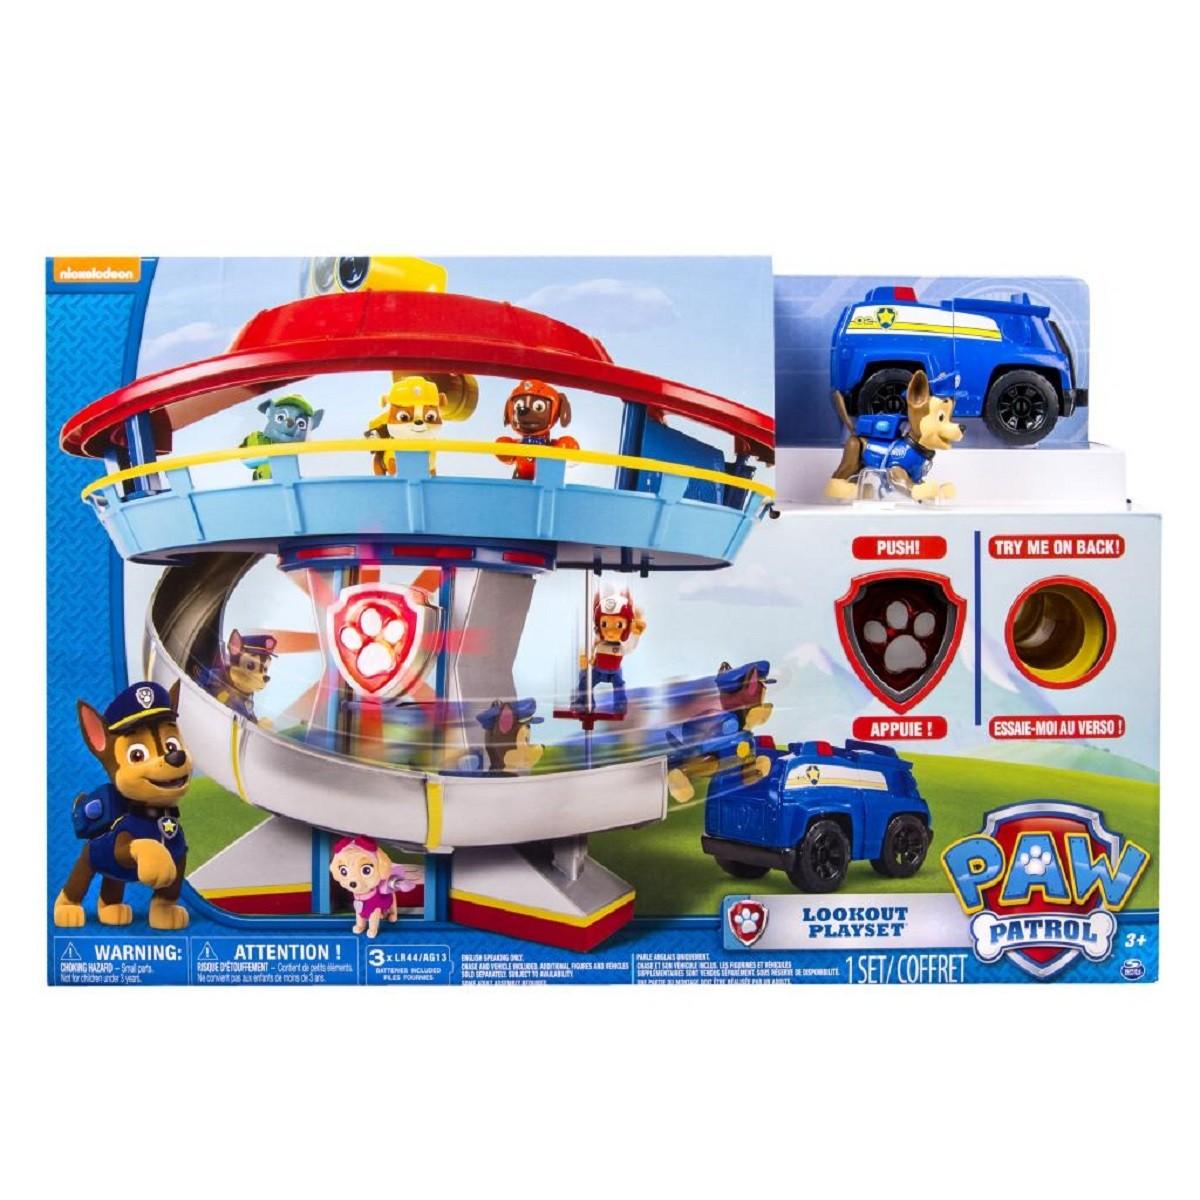 Brinquedo Playset Torre De Vigilância Patrulha Canina 1306